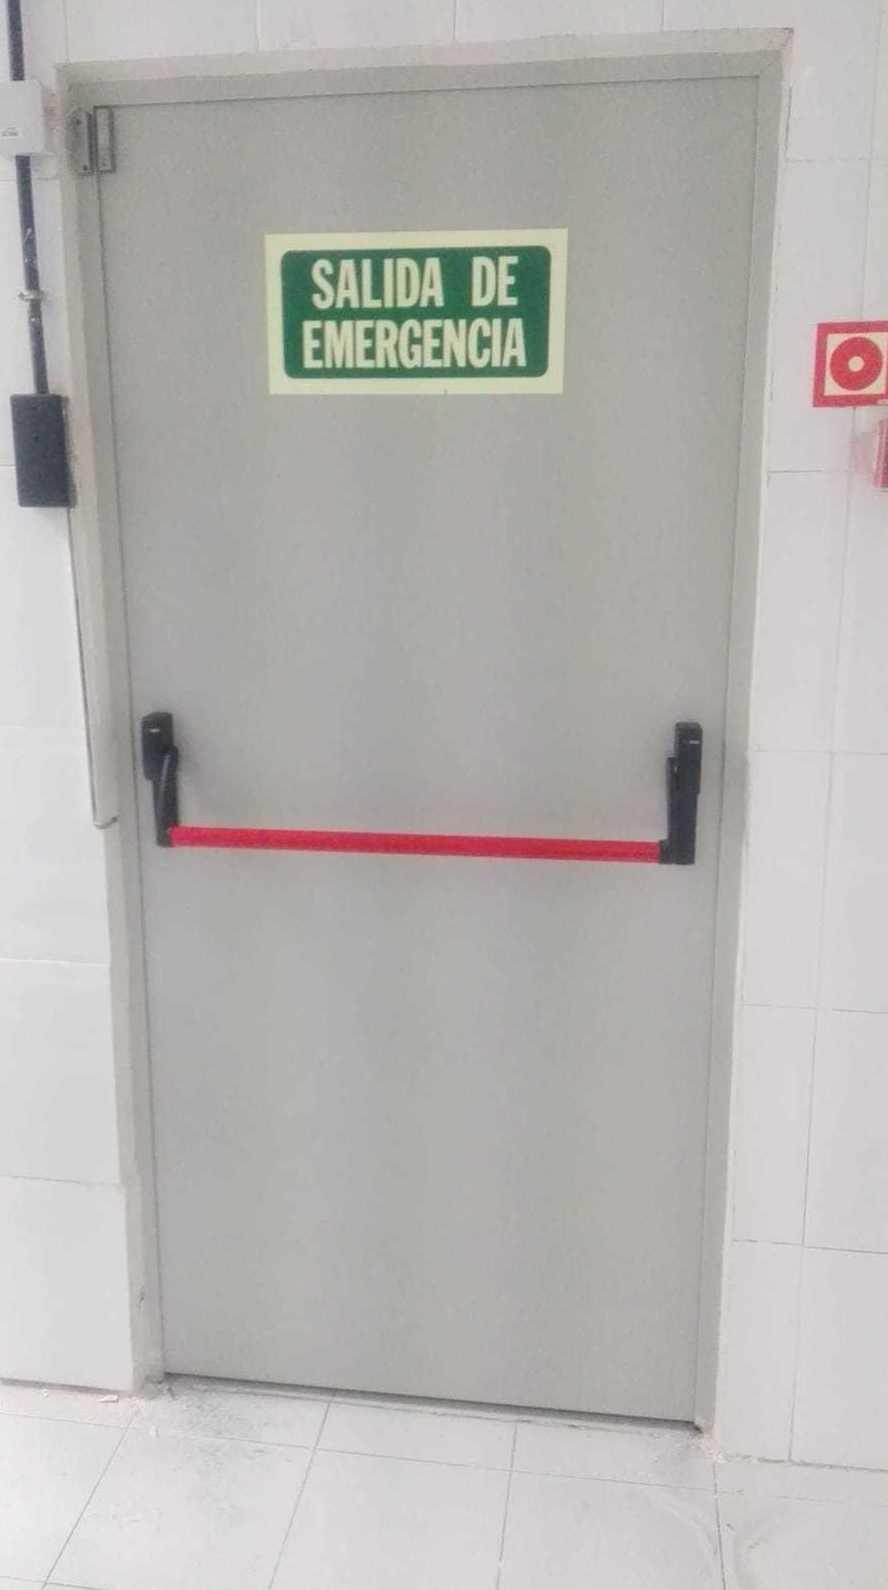 Cerrajería Miguel Ángel. Fuenlabrada Madrid. Cambio de puertas peatonales de emergencia